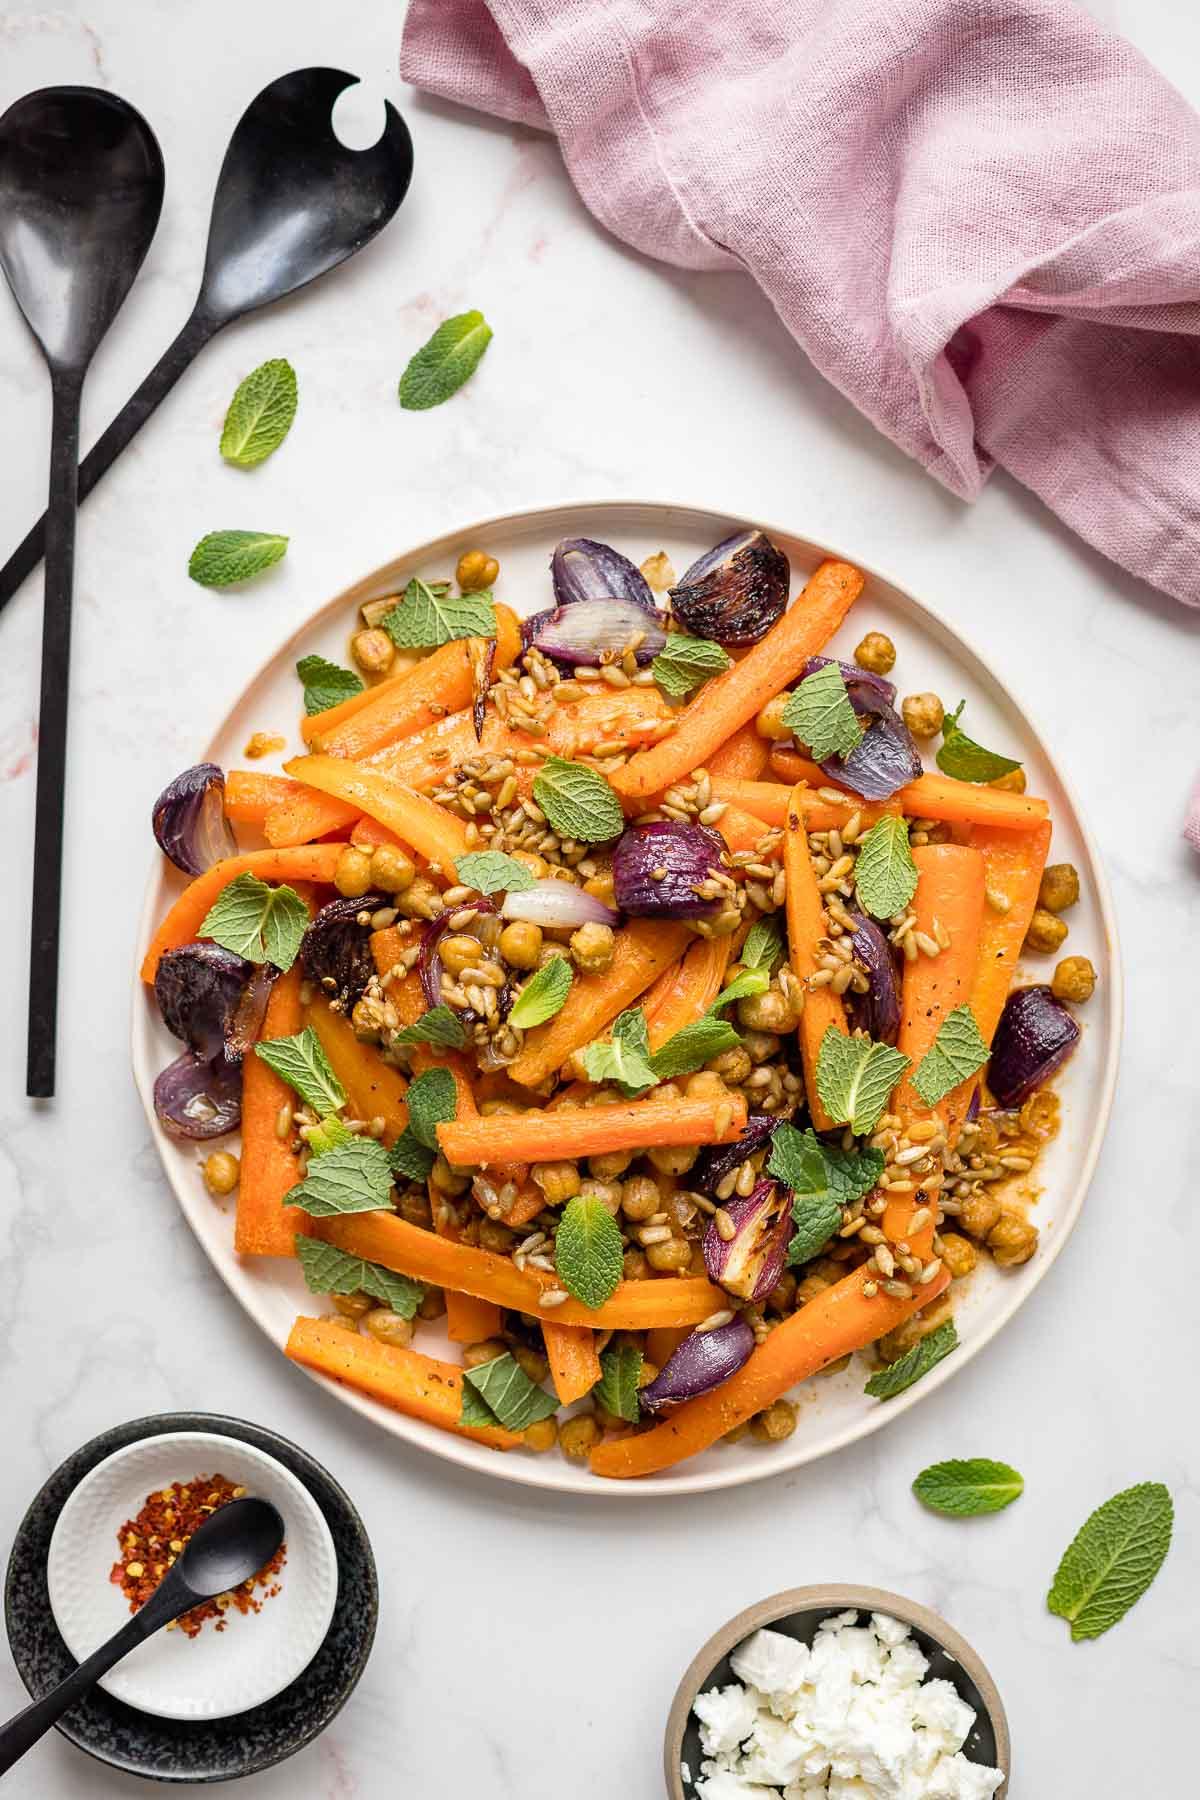 Karotten im Ofen mit Kichererbsen, Roten Zwiebeln & Minze | Rezept